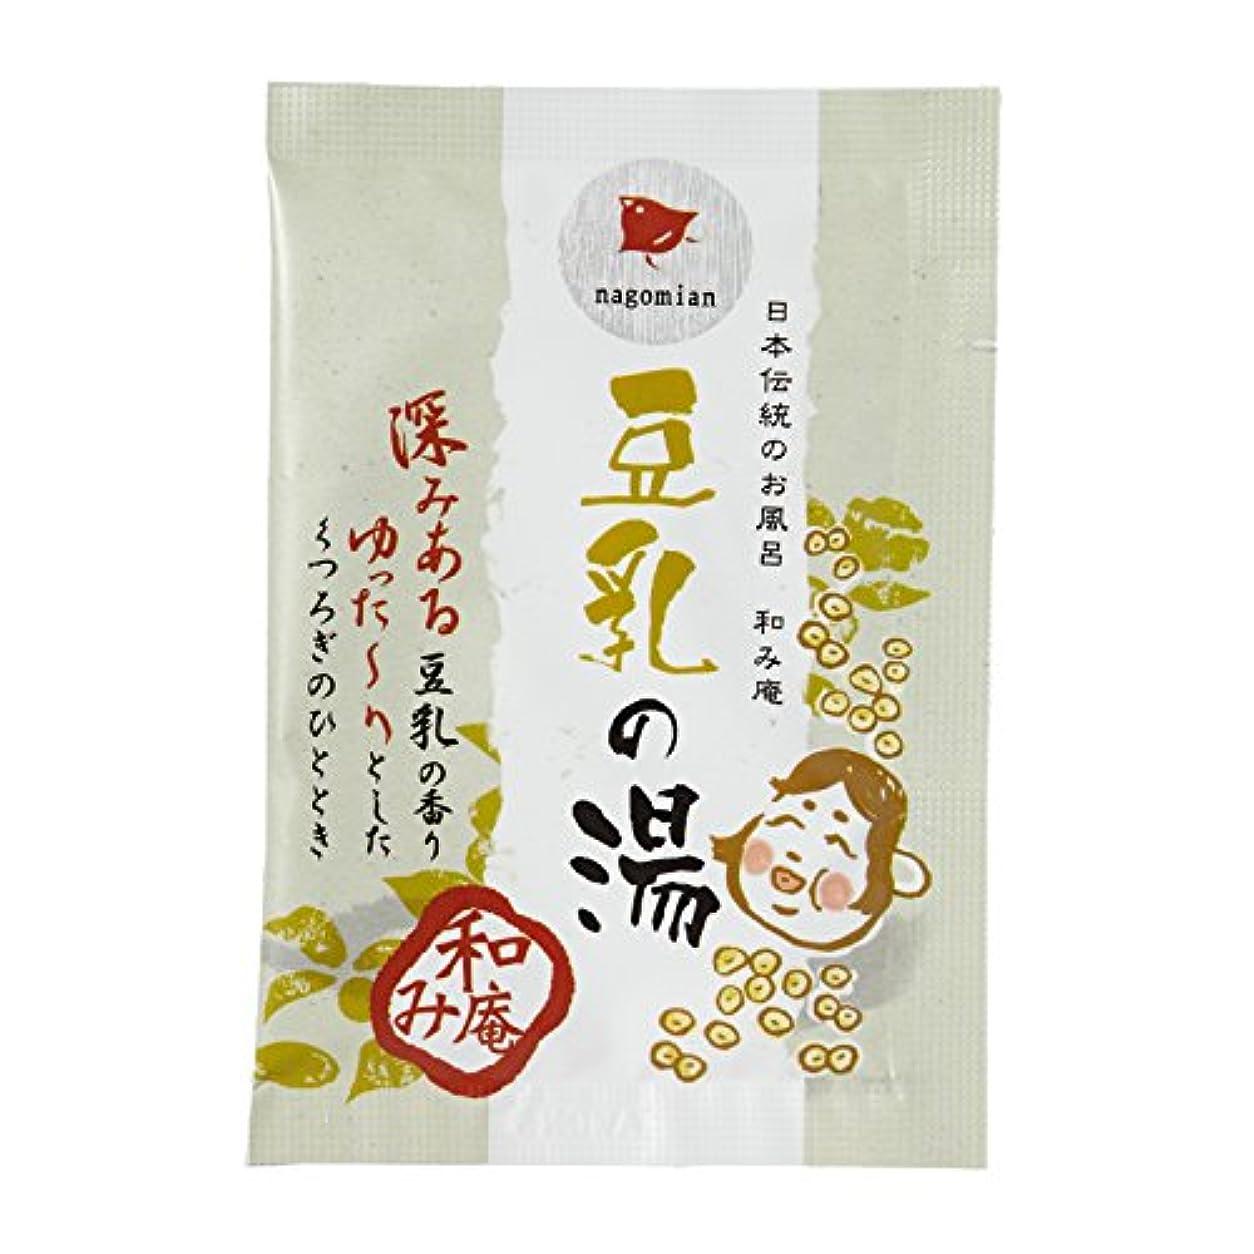 それ各通訳和み庵 豆乳の湯 25g 40個